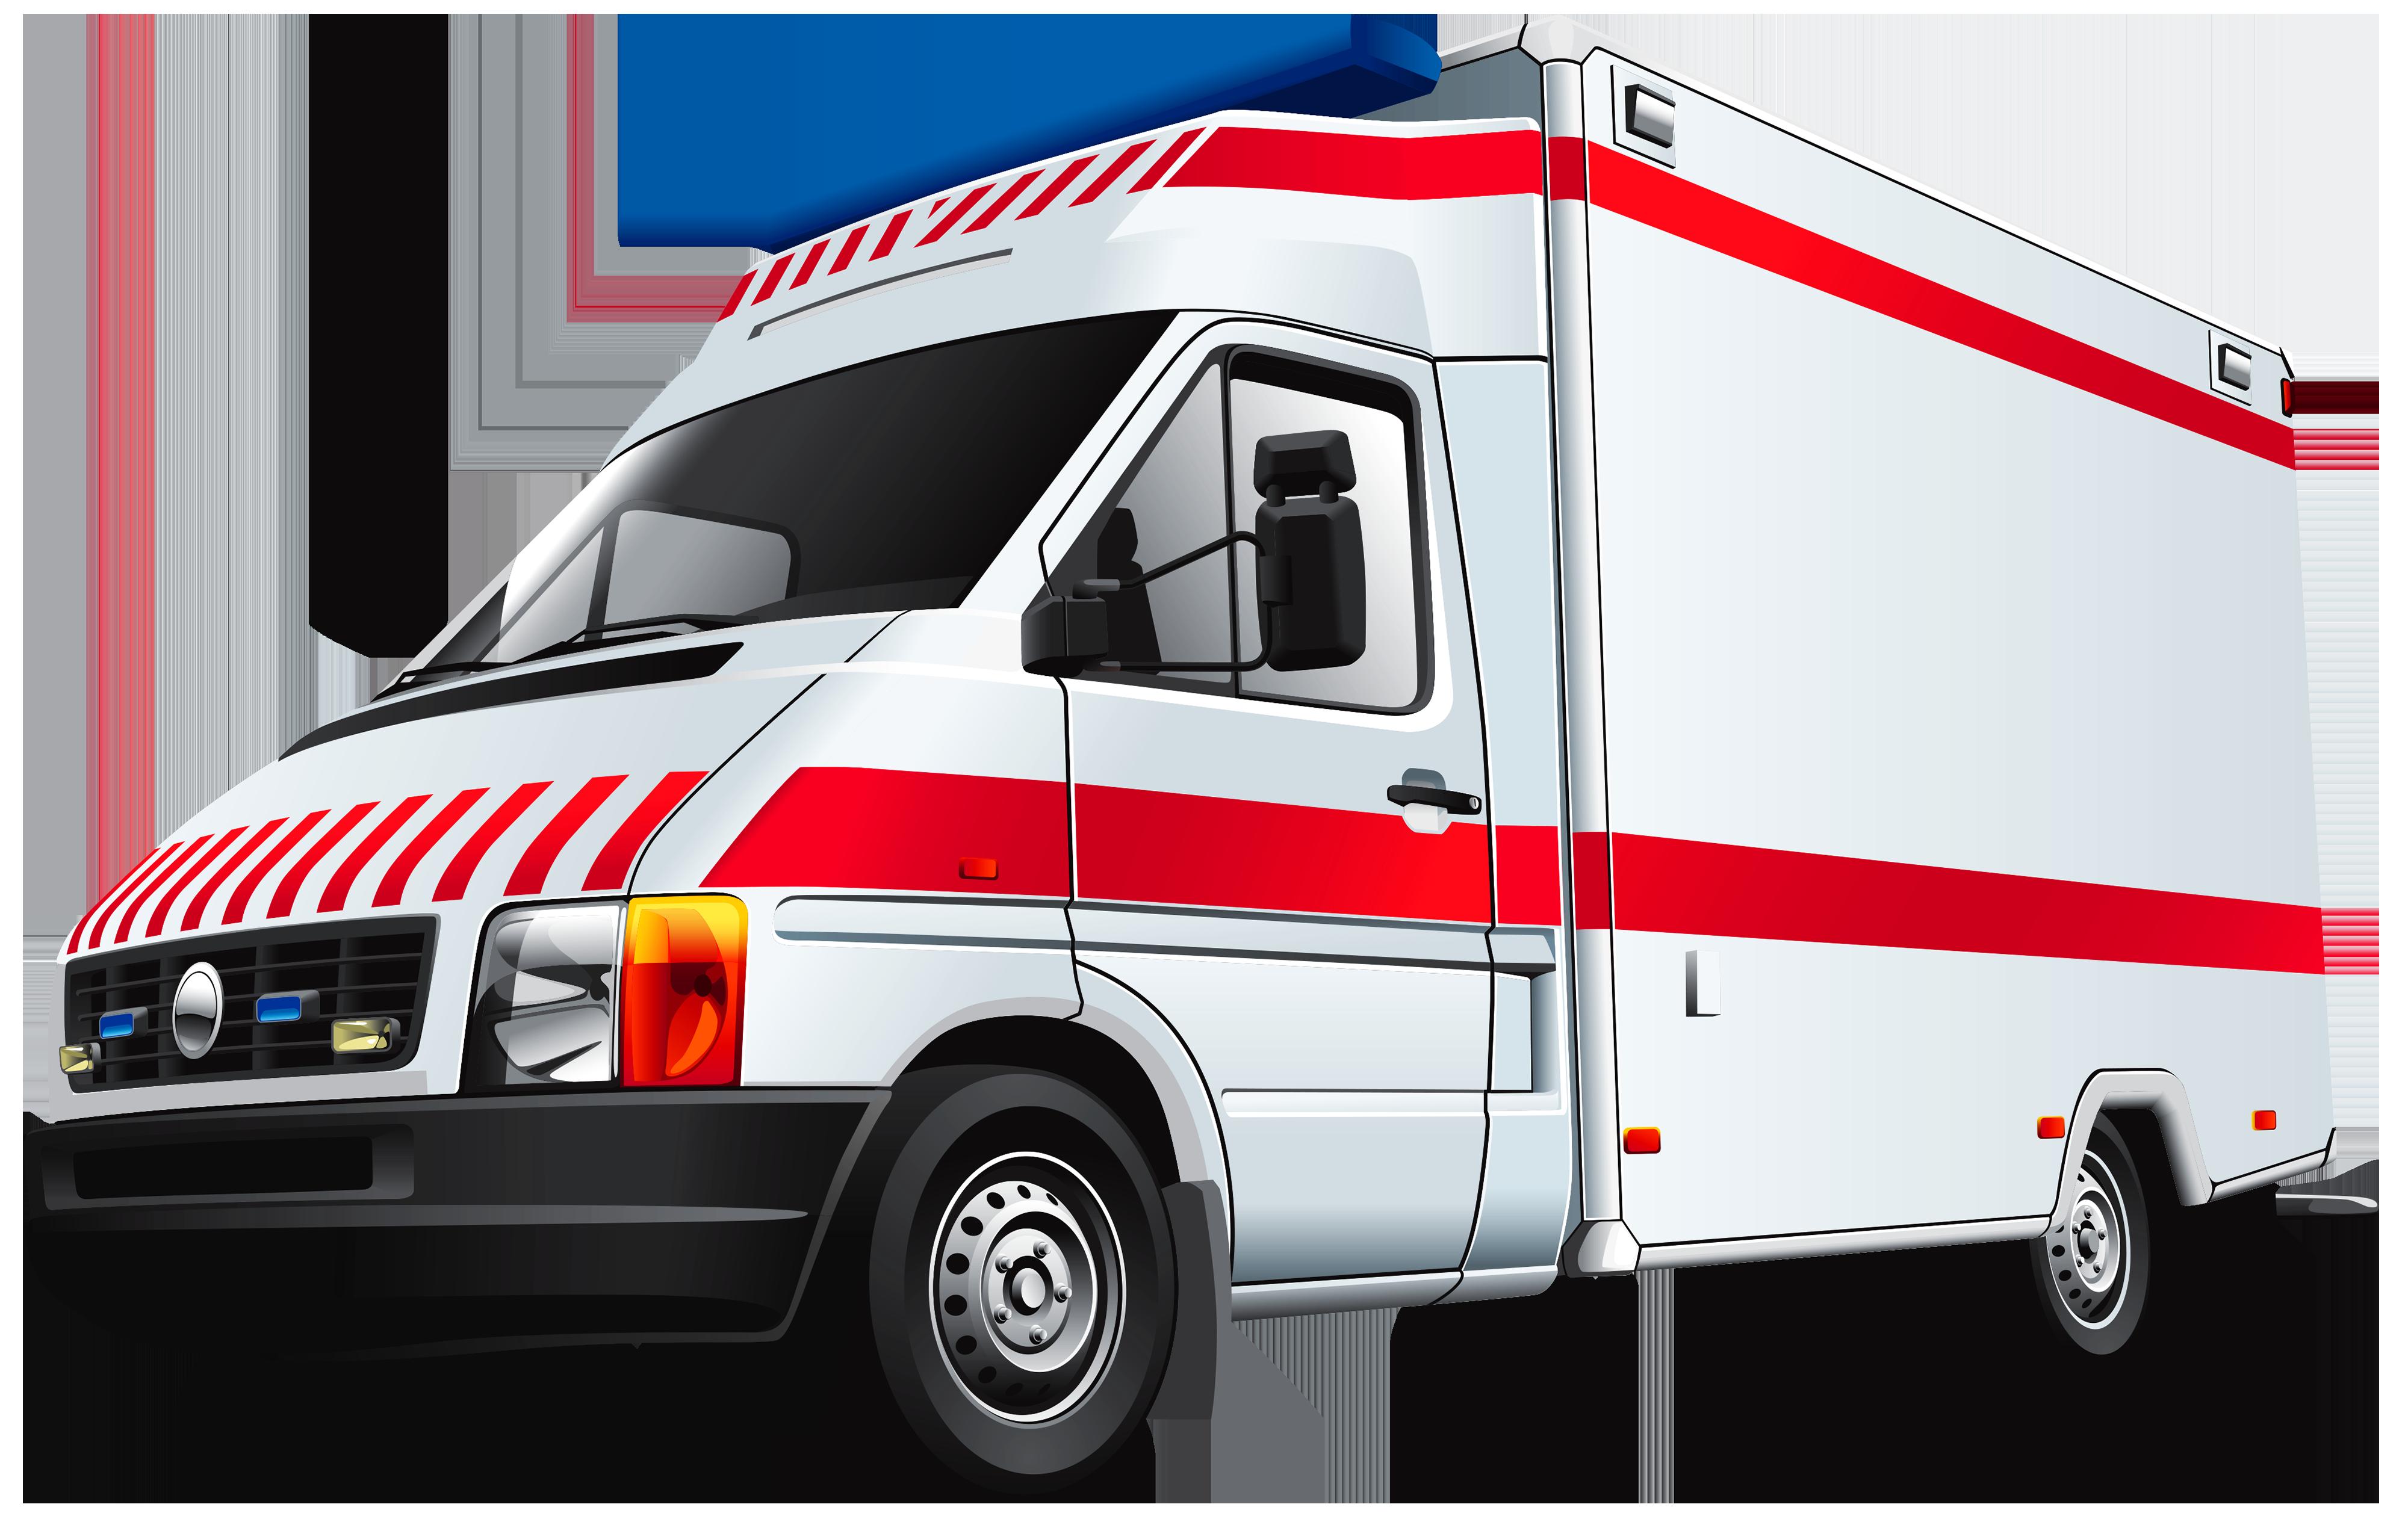 Ambulance PNG Image.